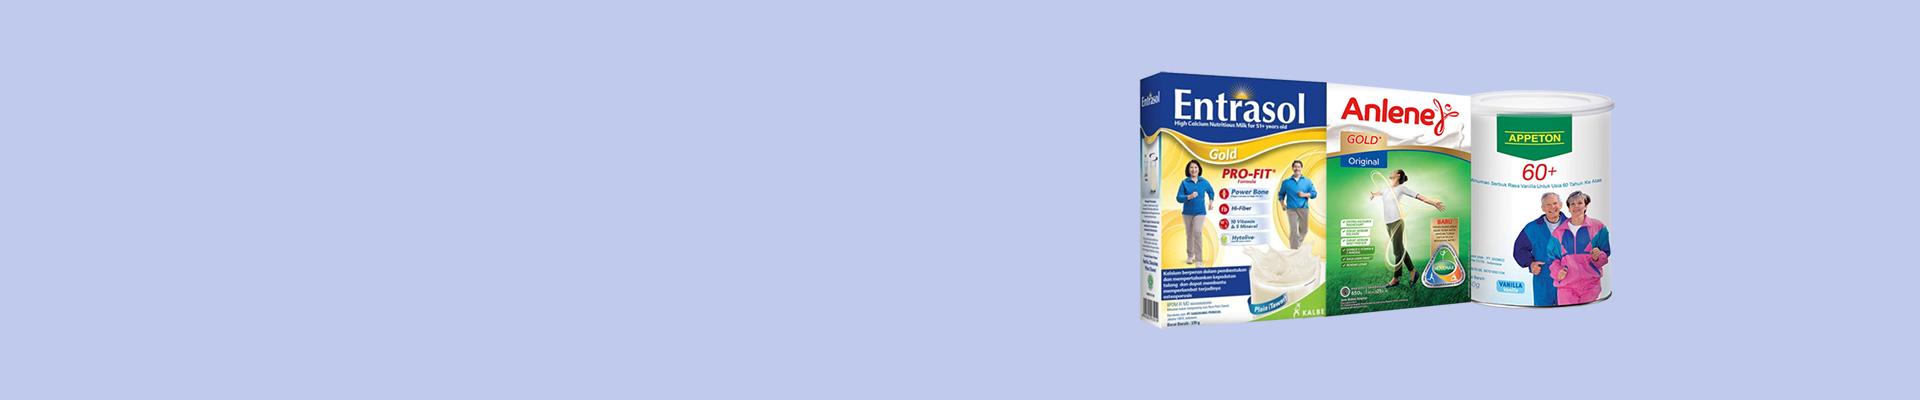 Jual Susu Lansia Terbaik & Terlengkap - Harga Murah